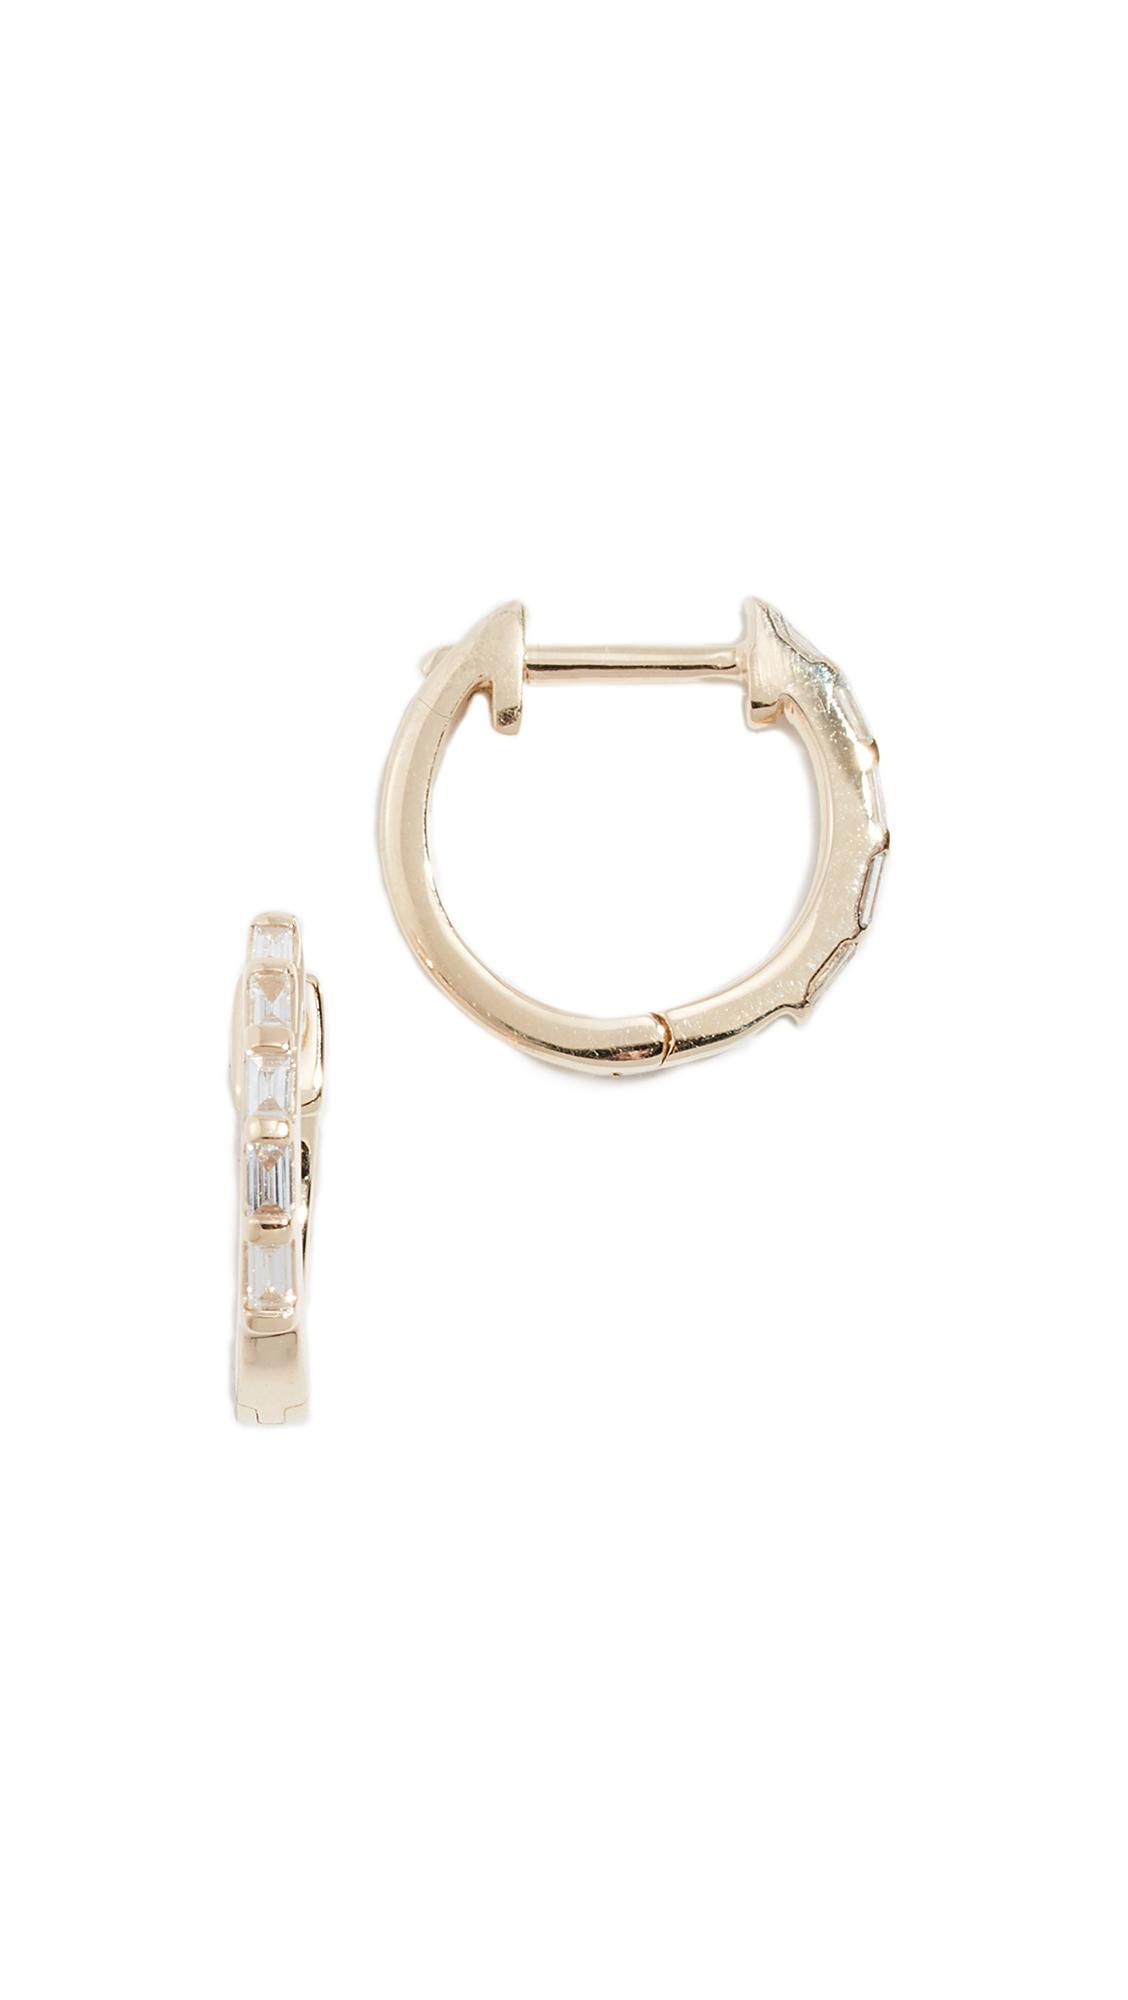 ARIEL GORDON JEWELRY 14K Baguette Diamond Huggie Earrings in Yellow Gold